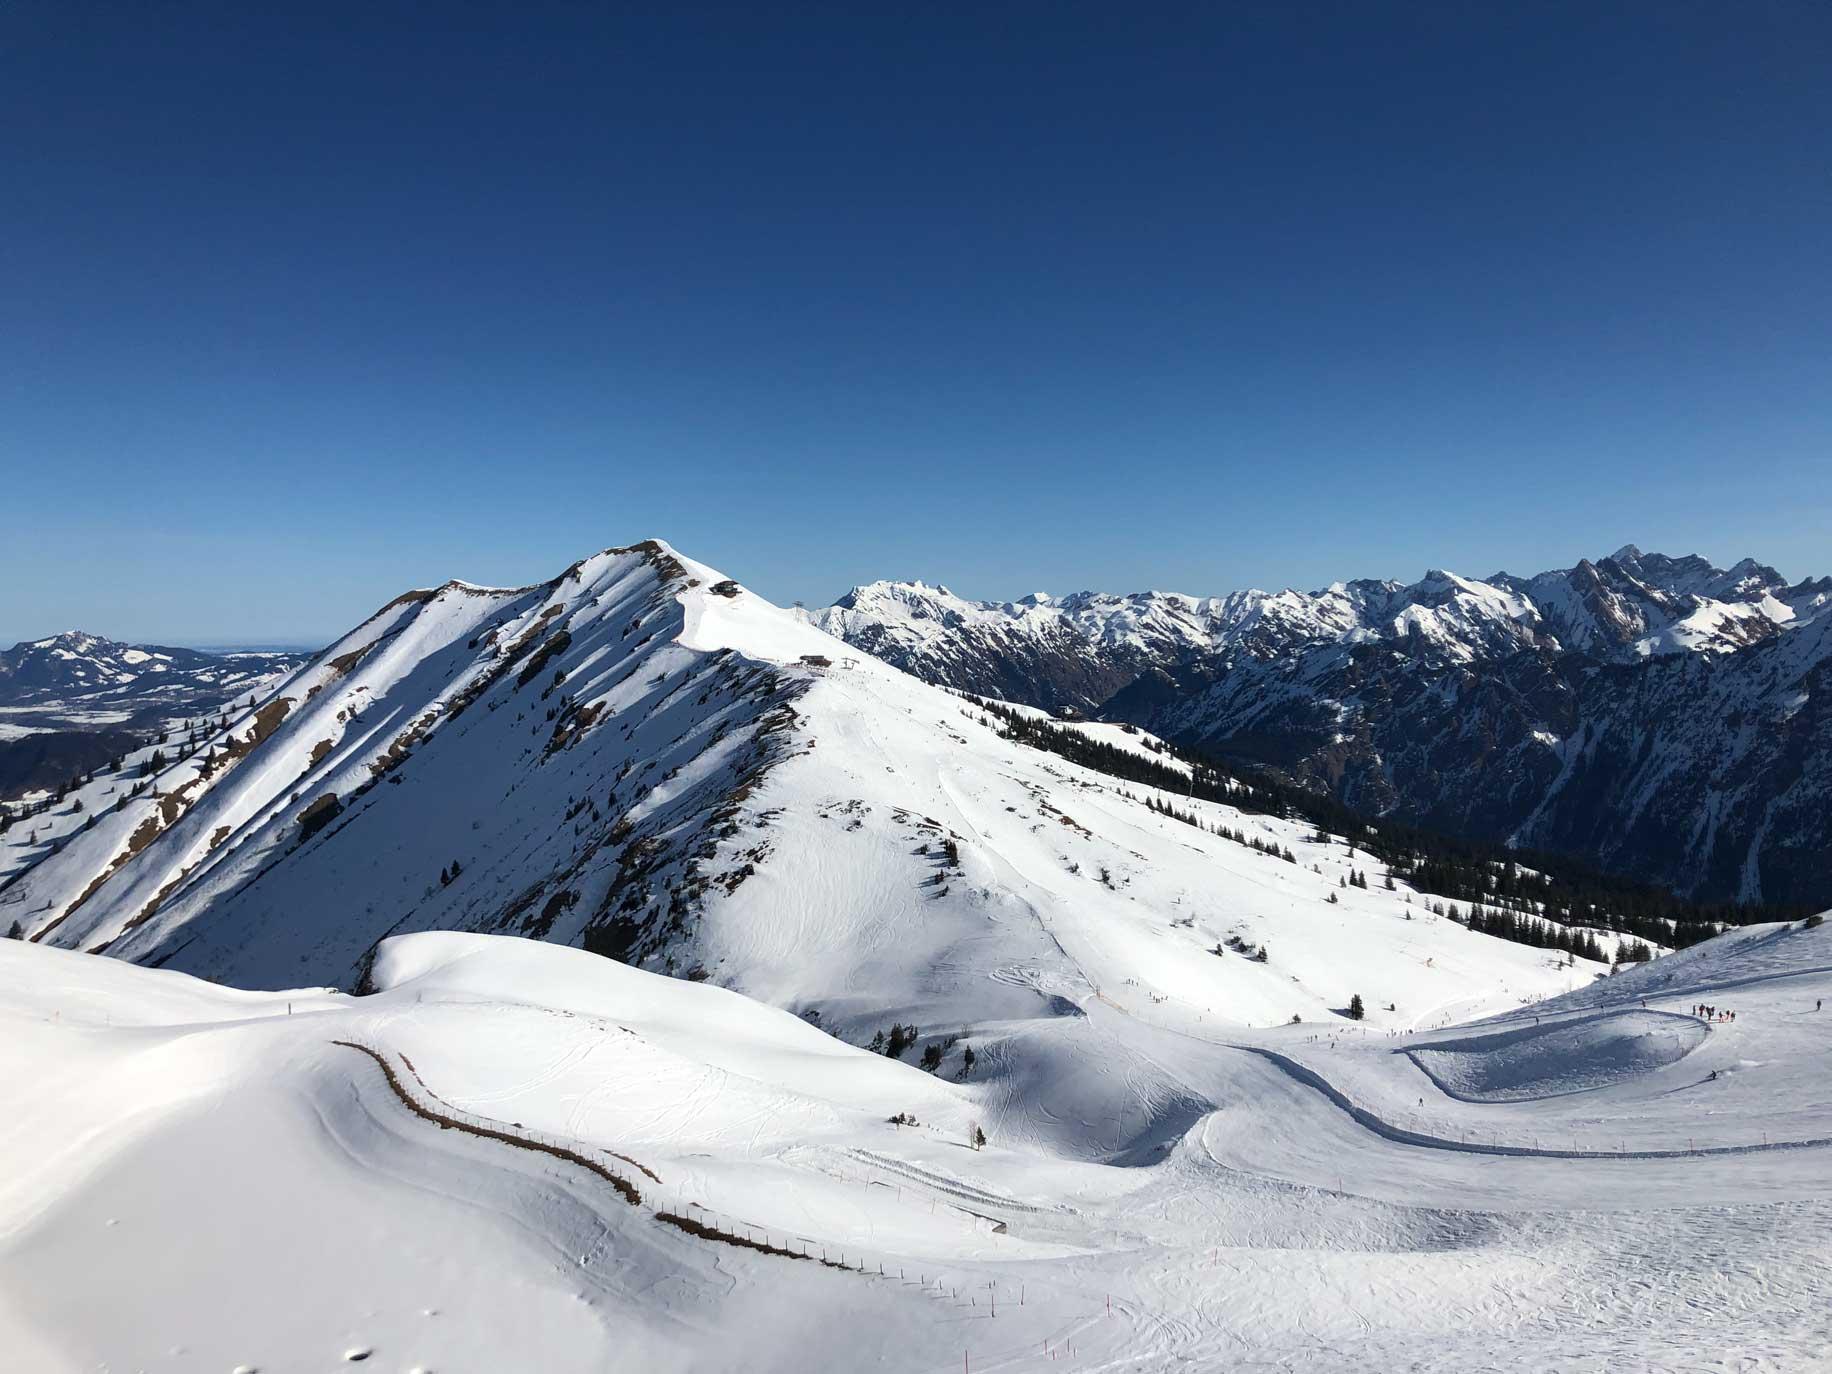 skigebiet-kanzelwand-kleinwalsertal